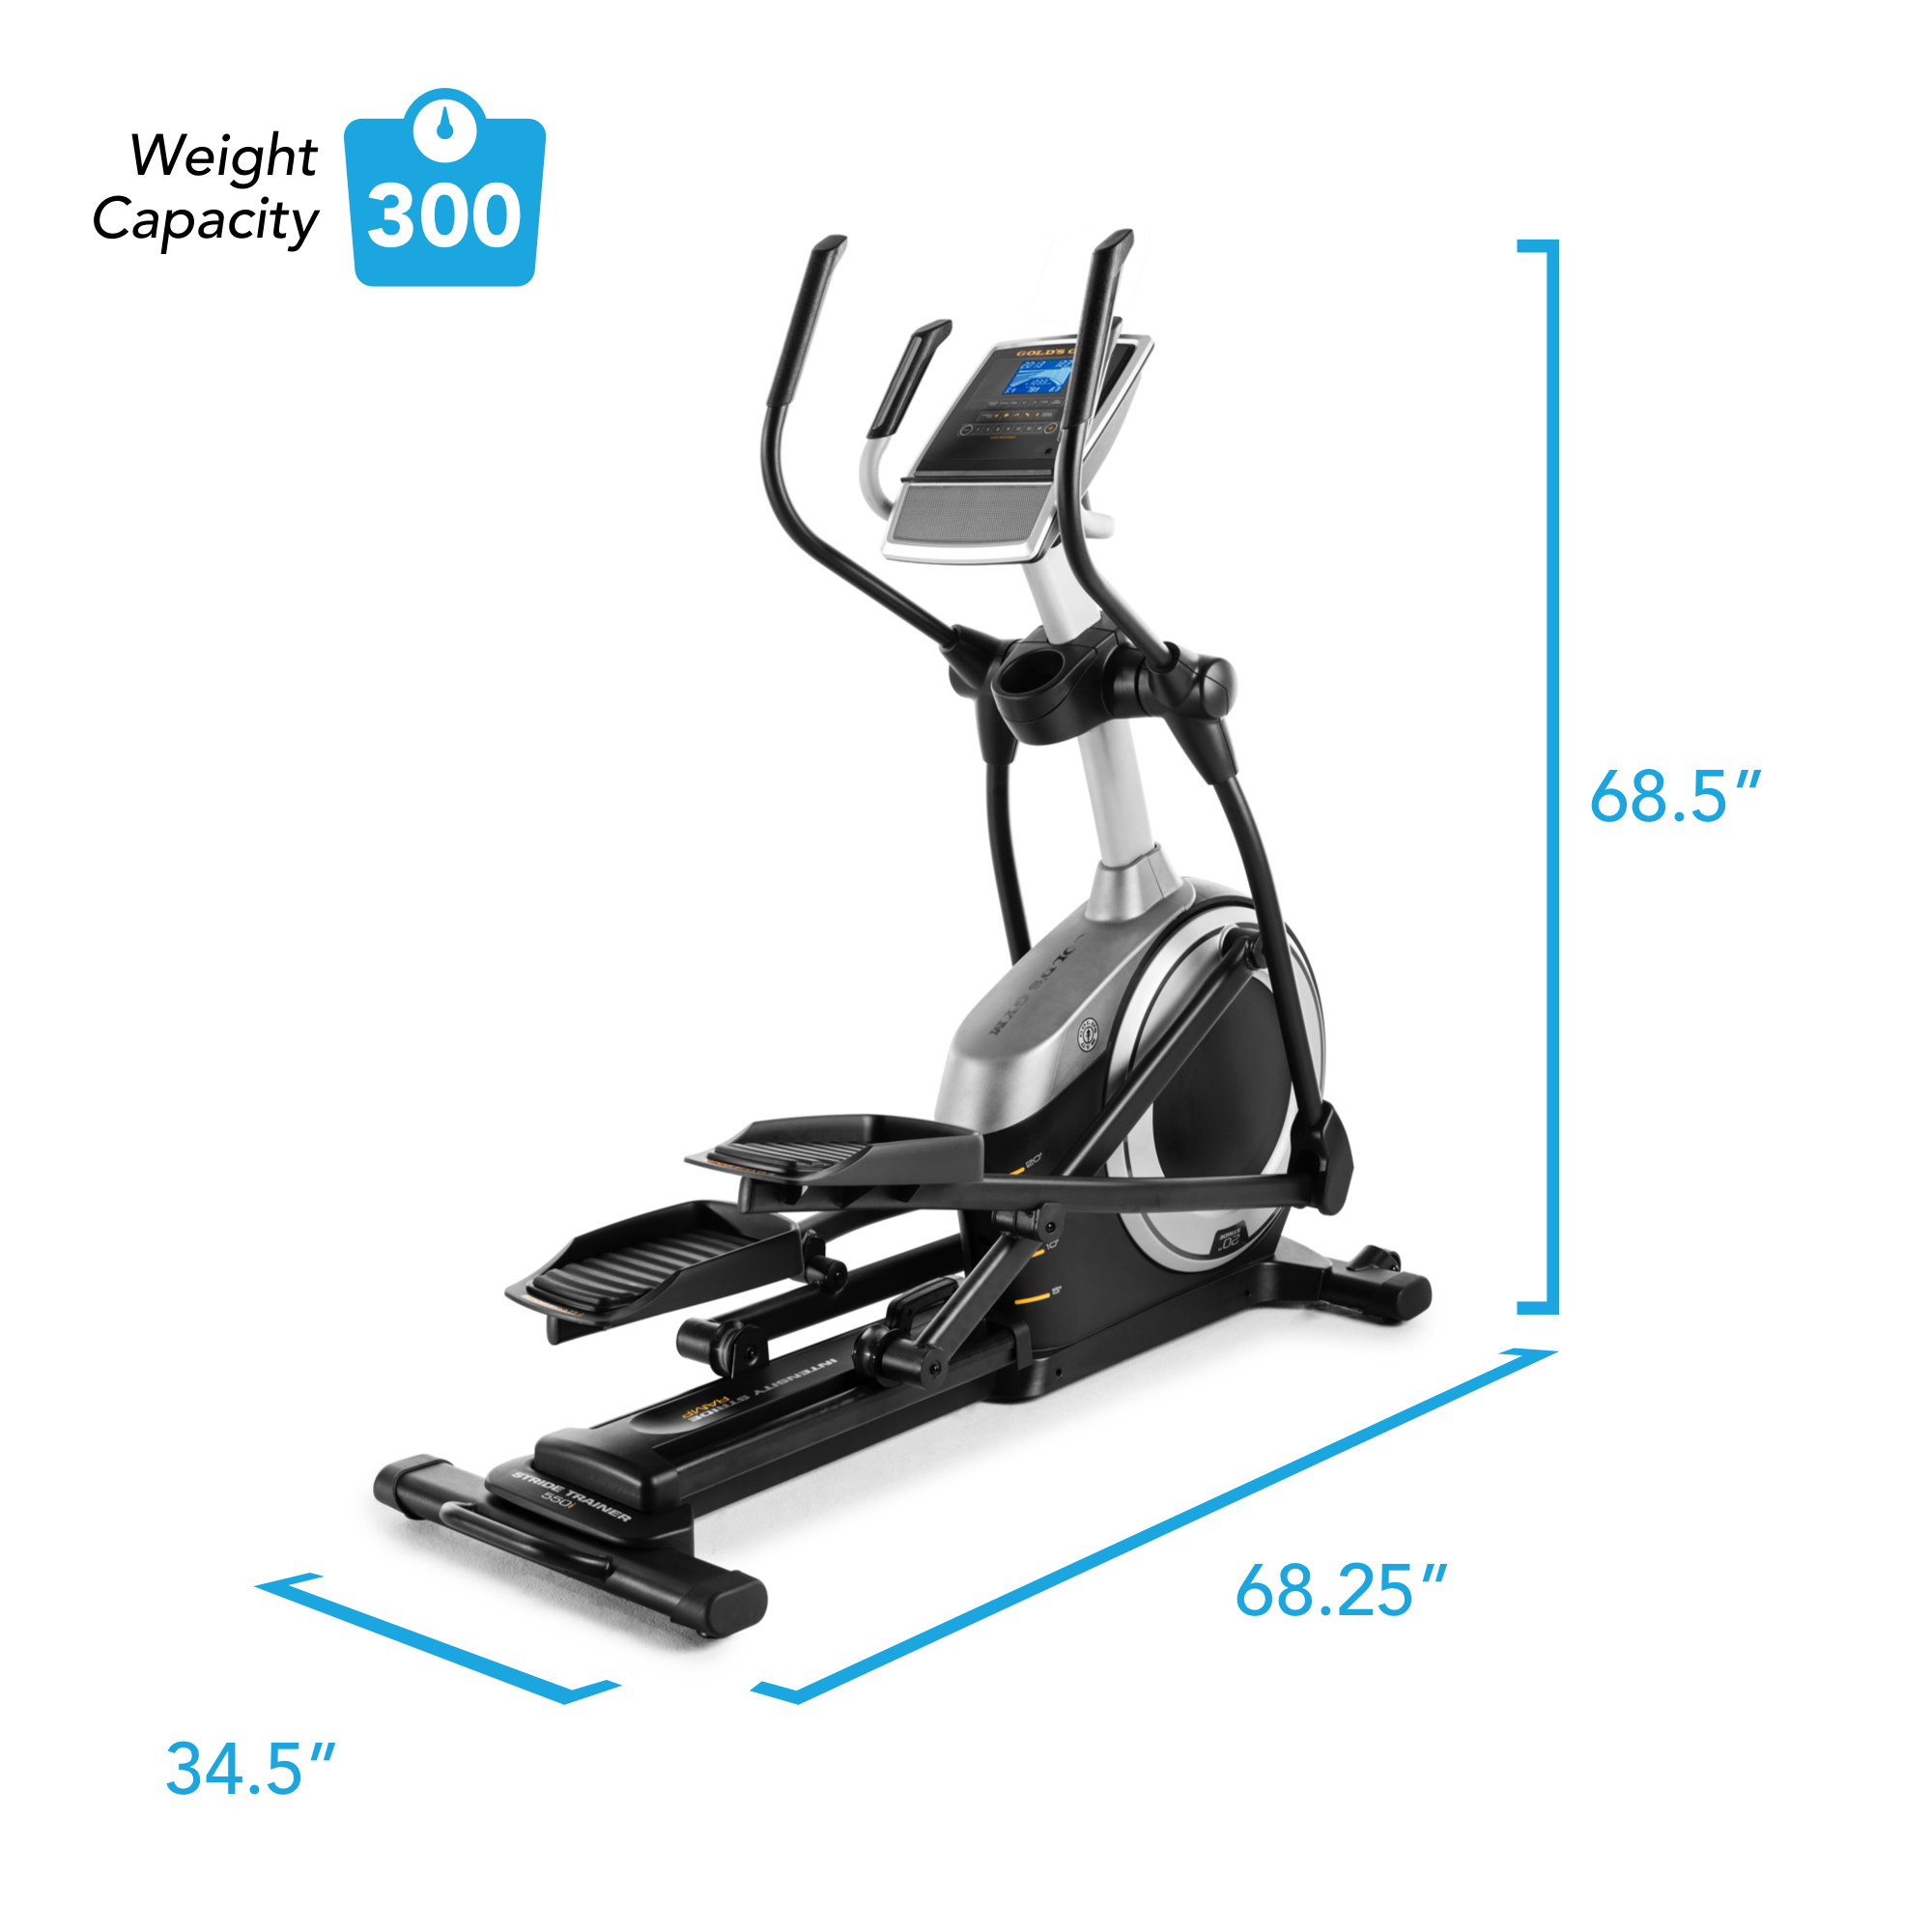 Gold's Gym Stride Trainer 550i Elliptical with Adjustable Incline -  Walmart.com